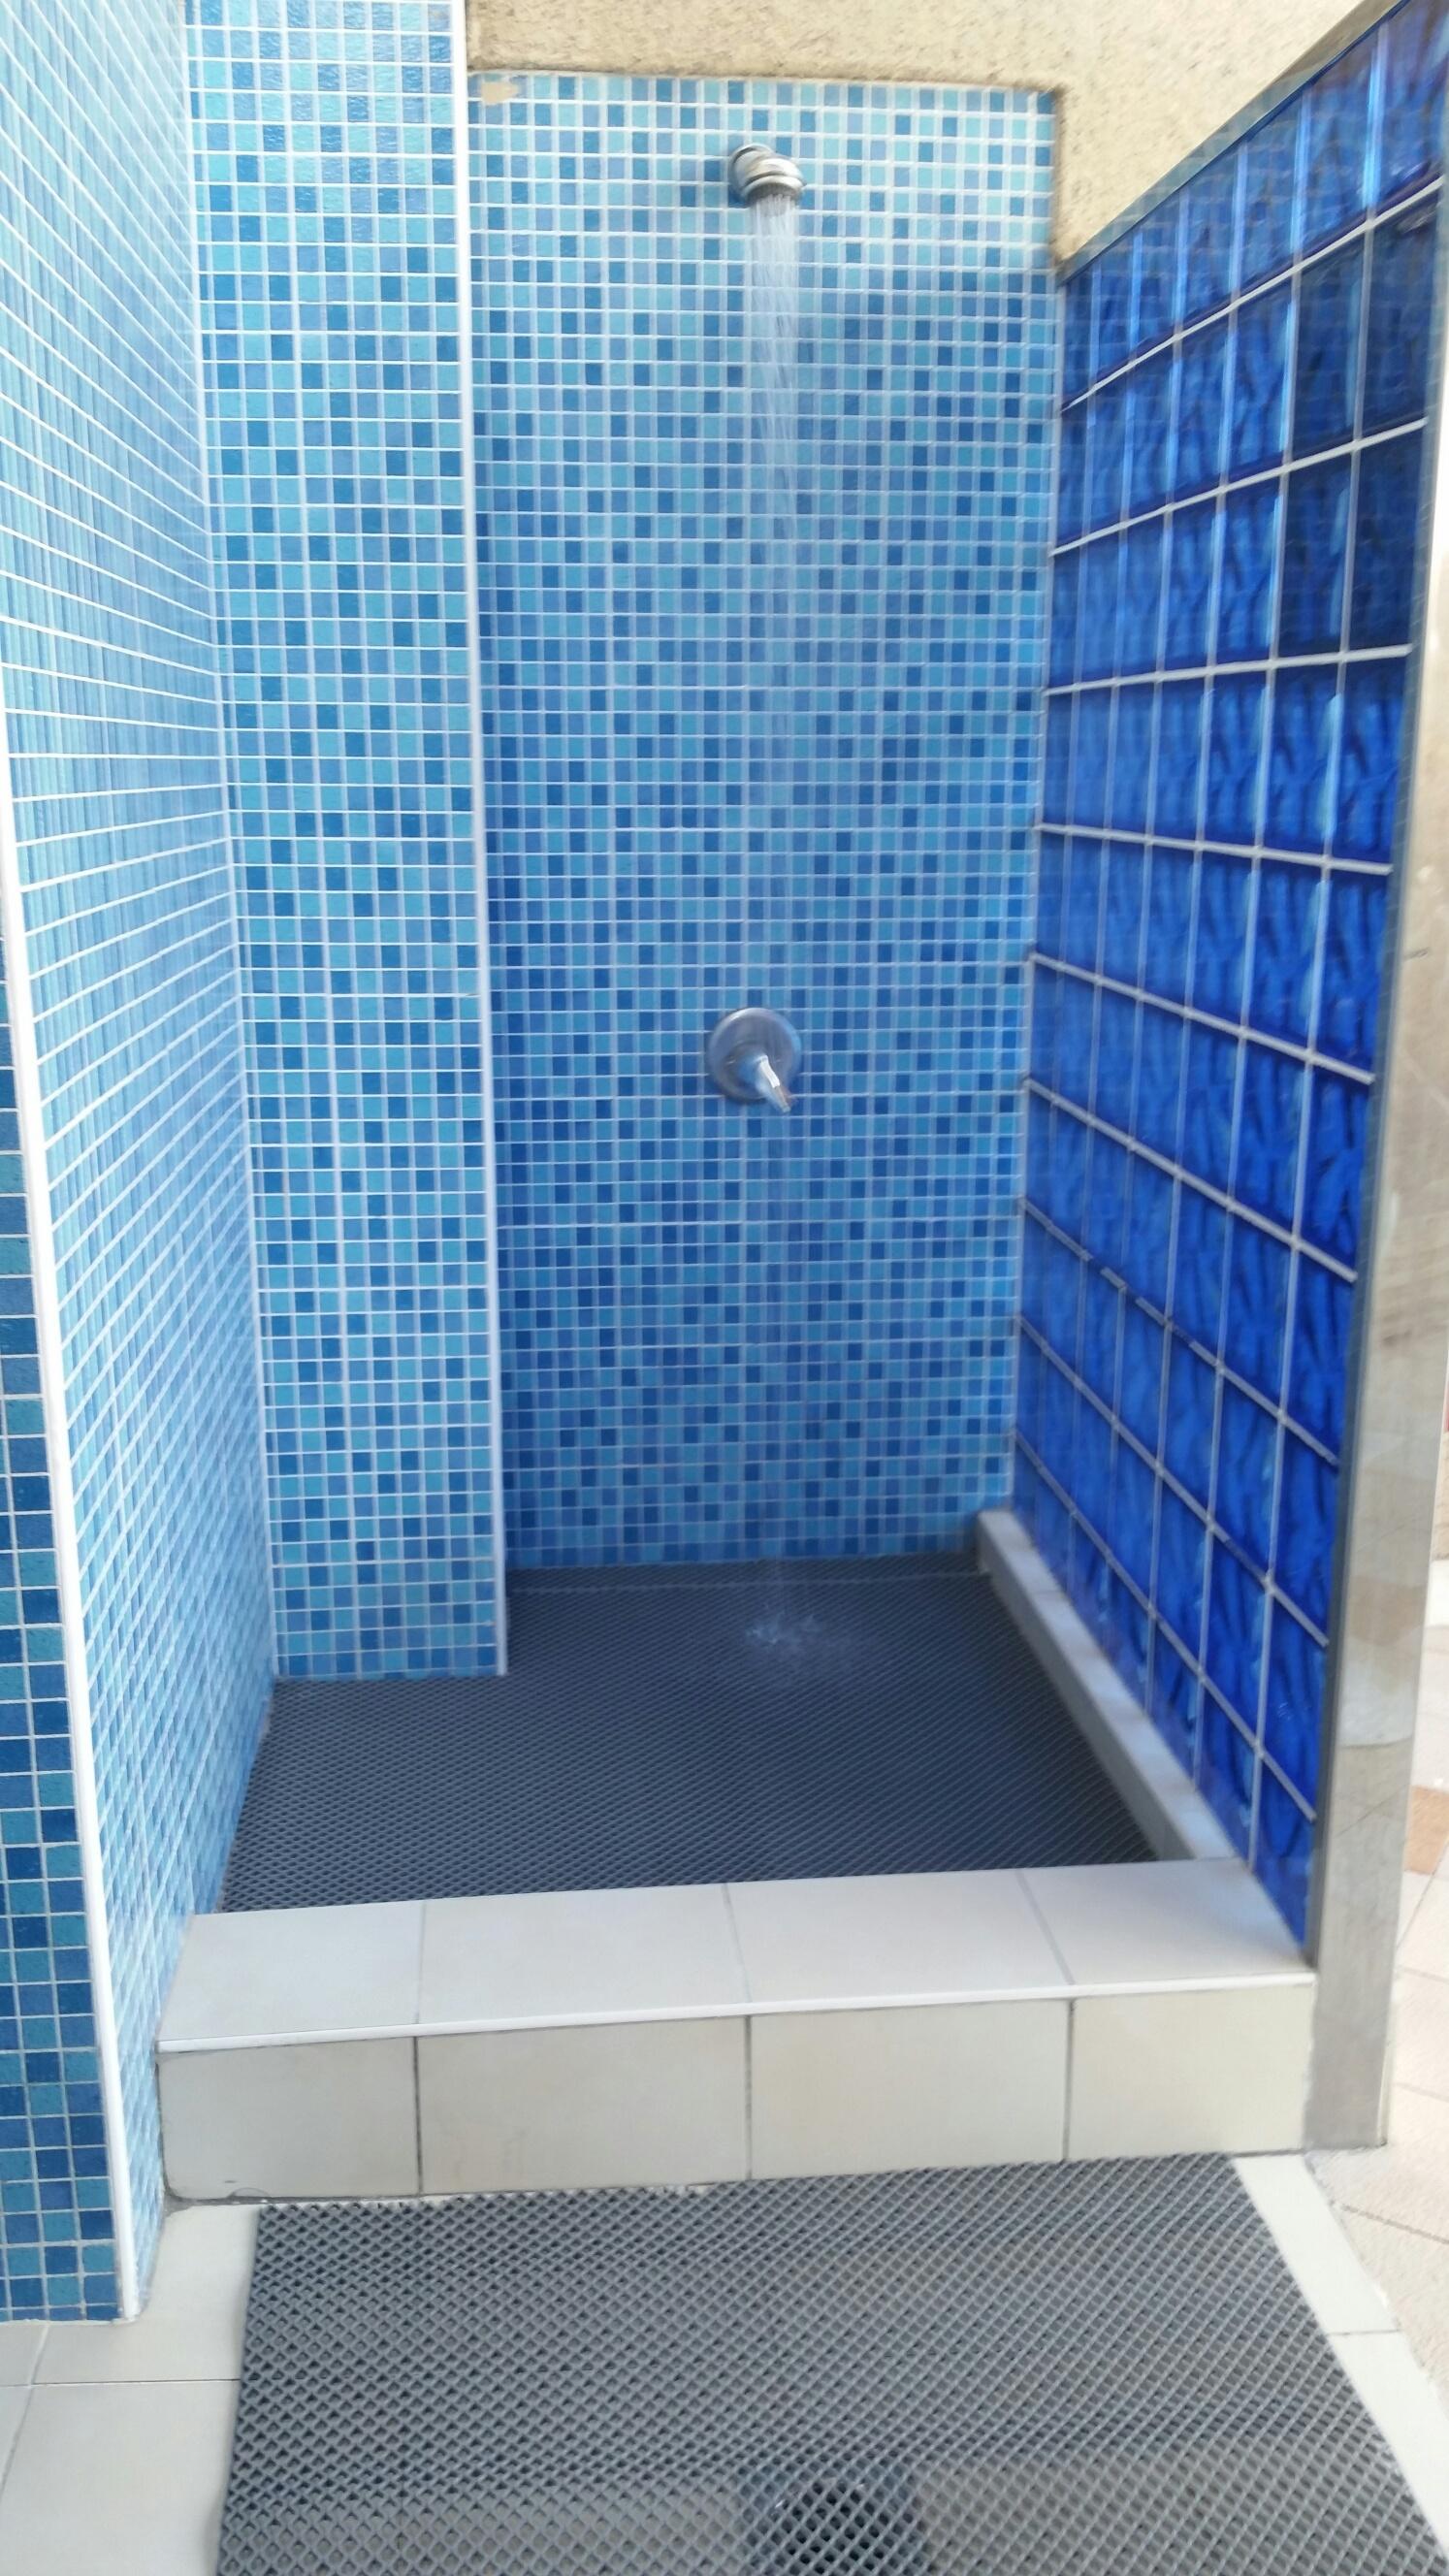 Wetstar ideal for outside shower